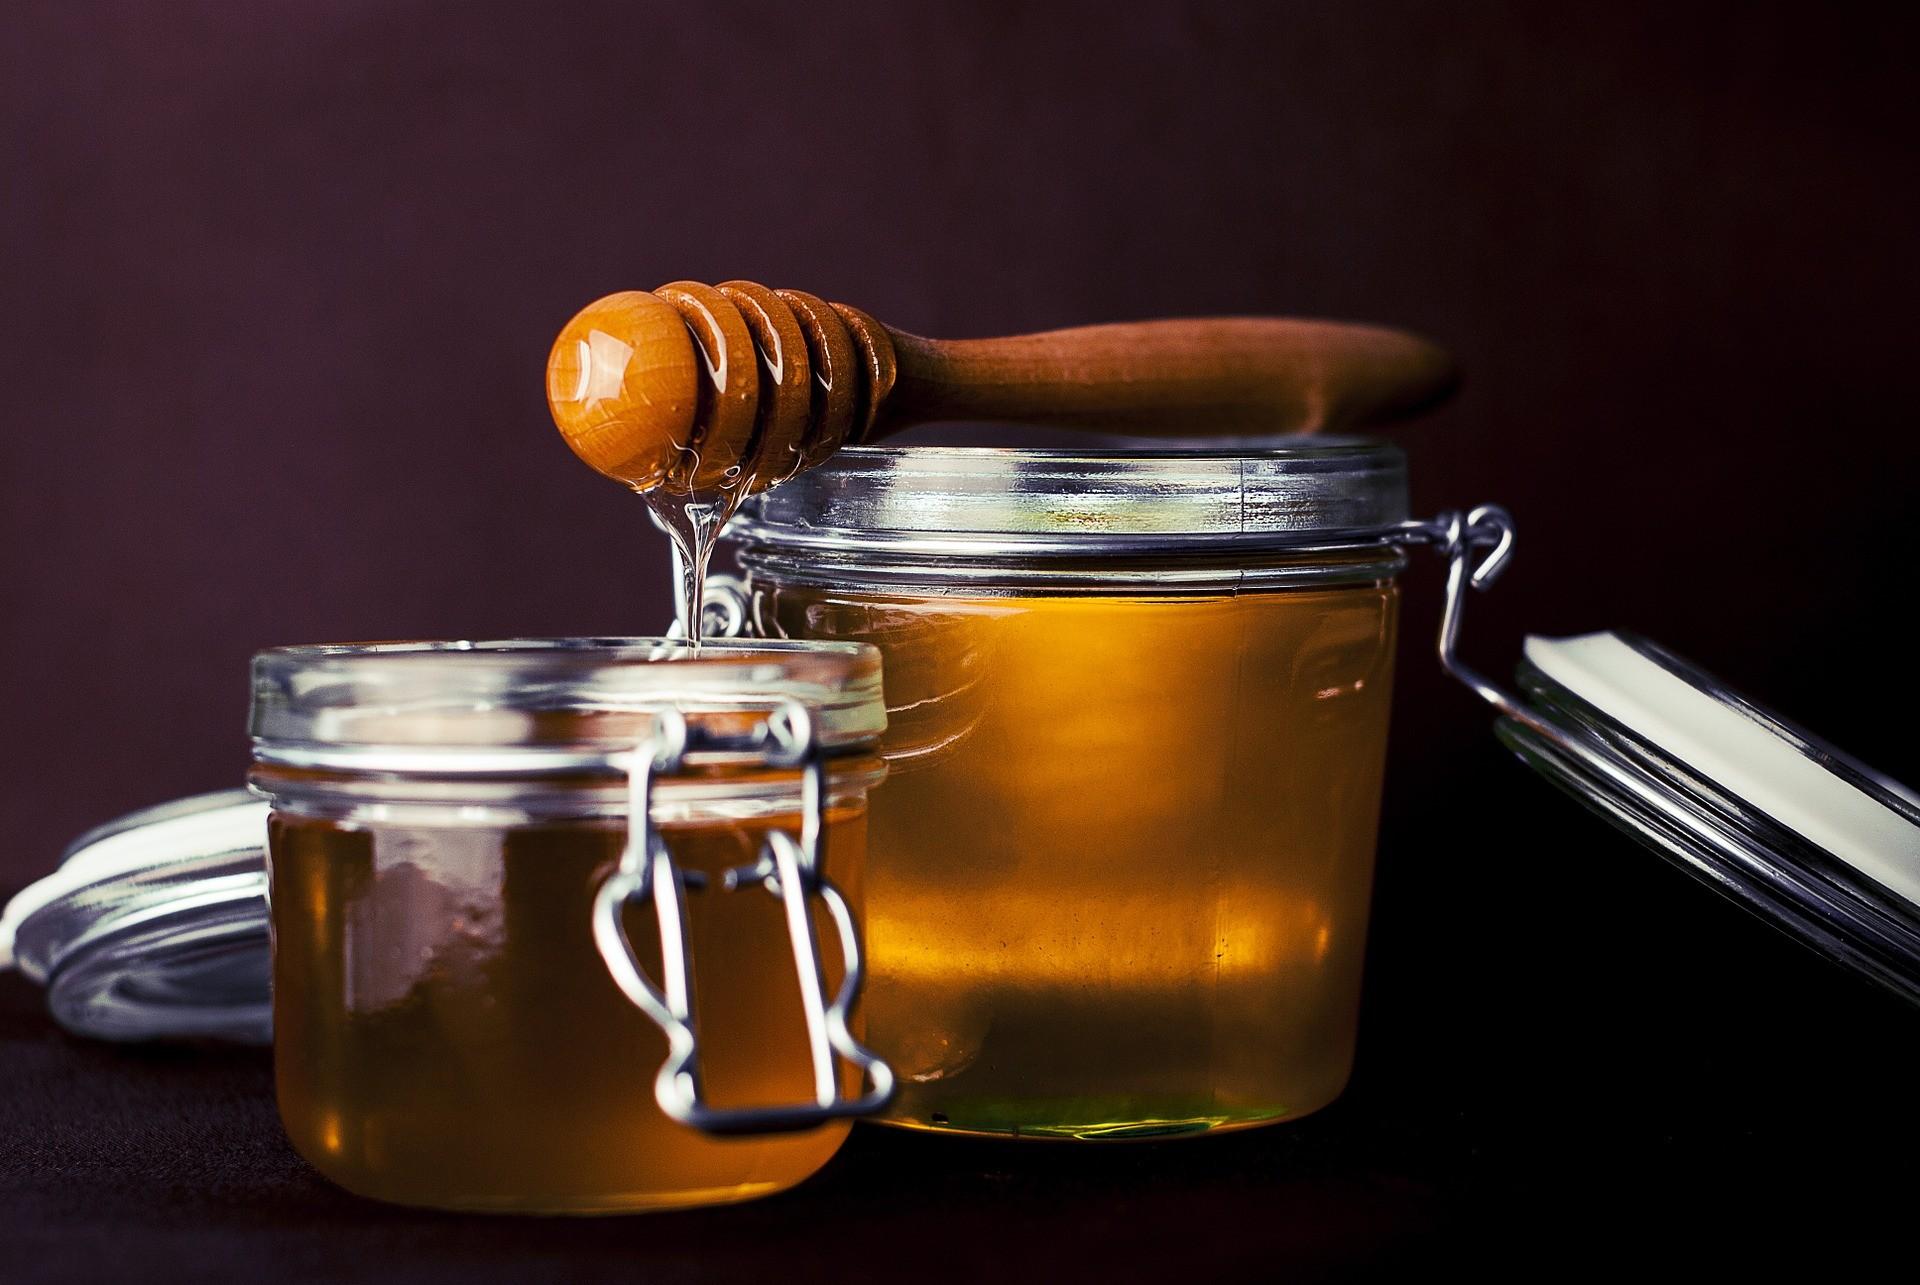 Факт дня: мед может уничтожить почти все бытовые бактерии